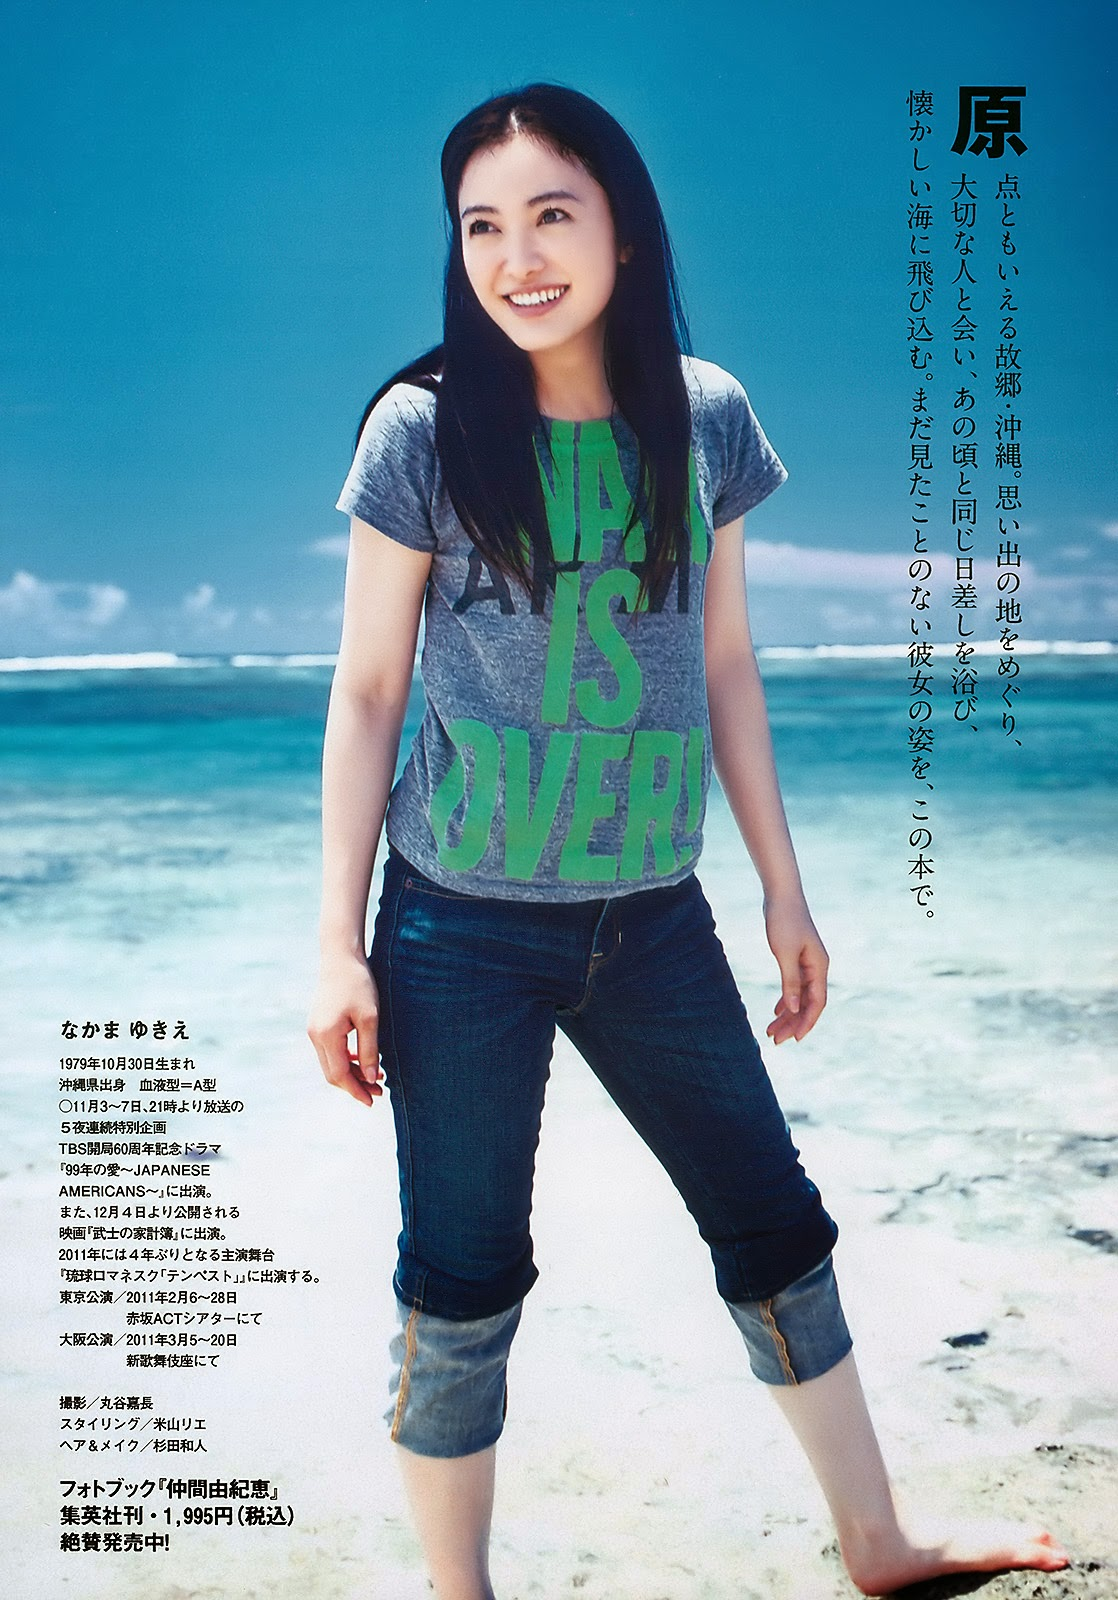 Yukie Nakama (b. 1979) Yukie Nakama (b. 1979) new photo